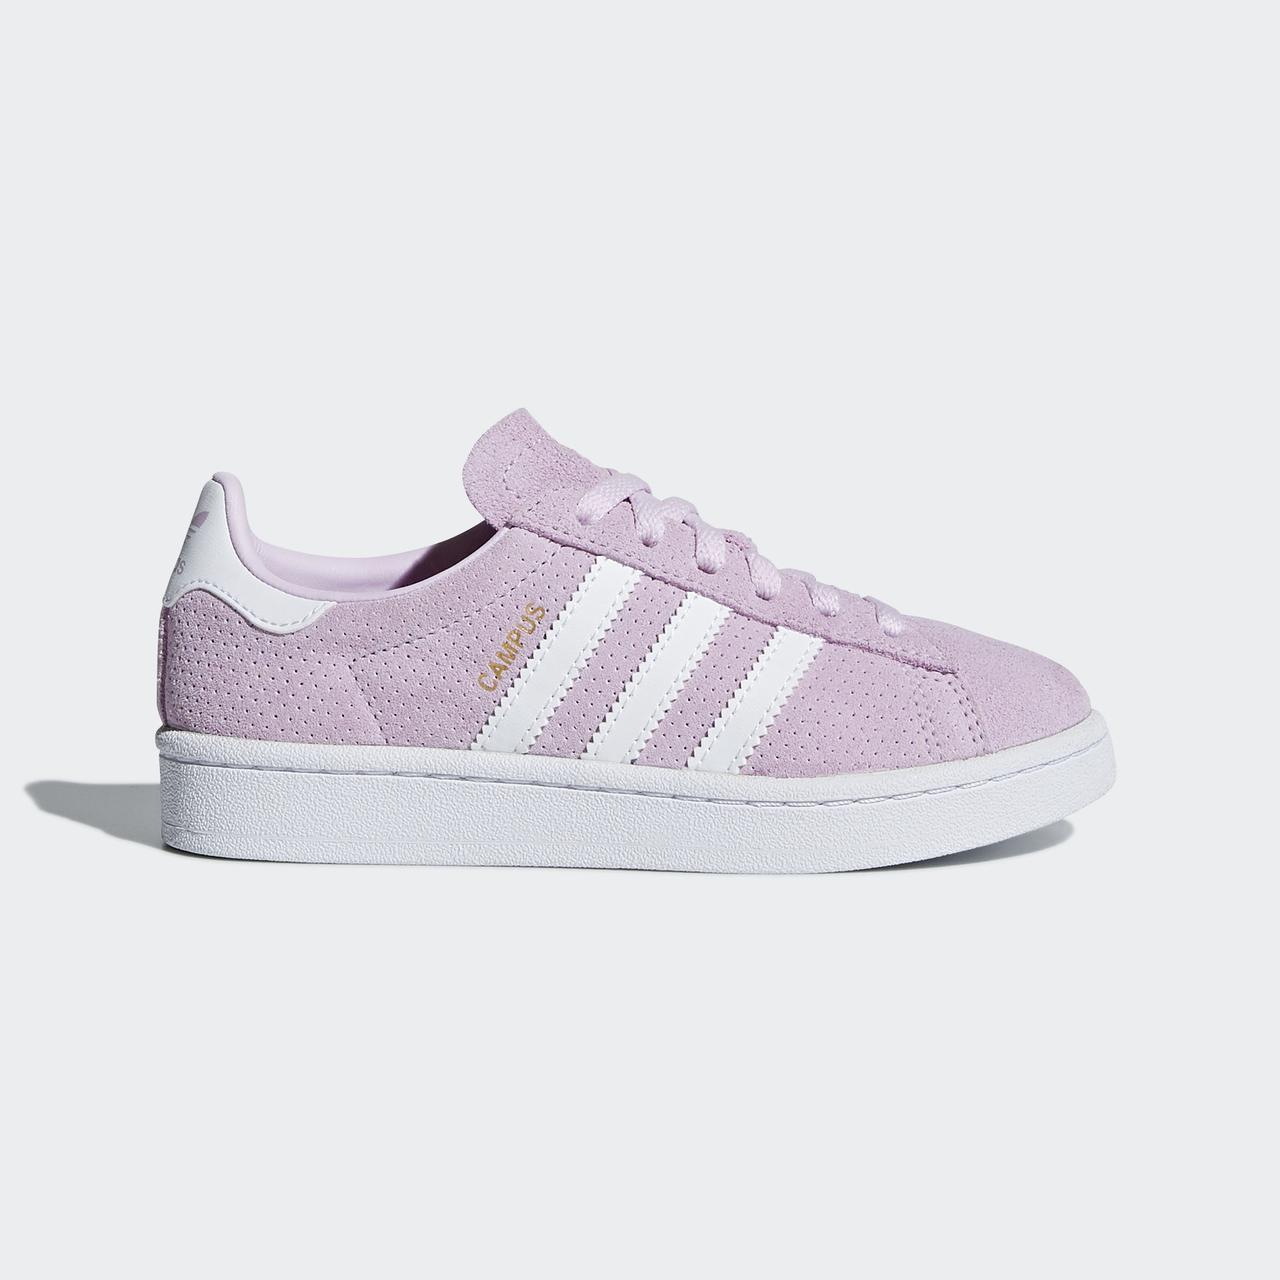 4d8a38f0692f57 Детские кроссовки Adidas Originals Campus (Артикул: CQ2959) -  Интернет-магазин «Эксперт